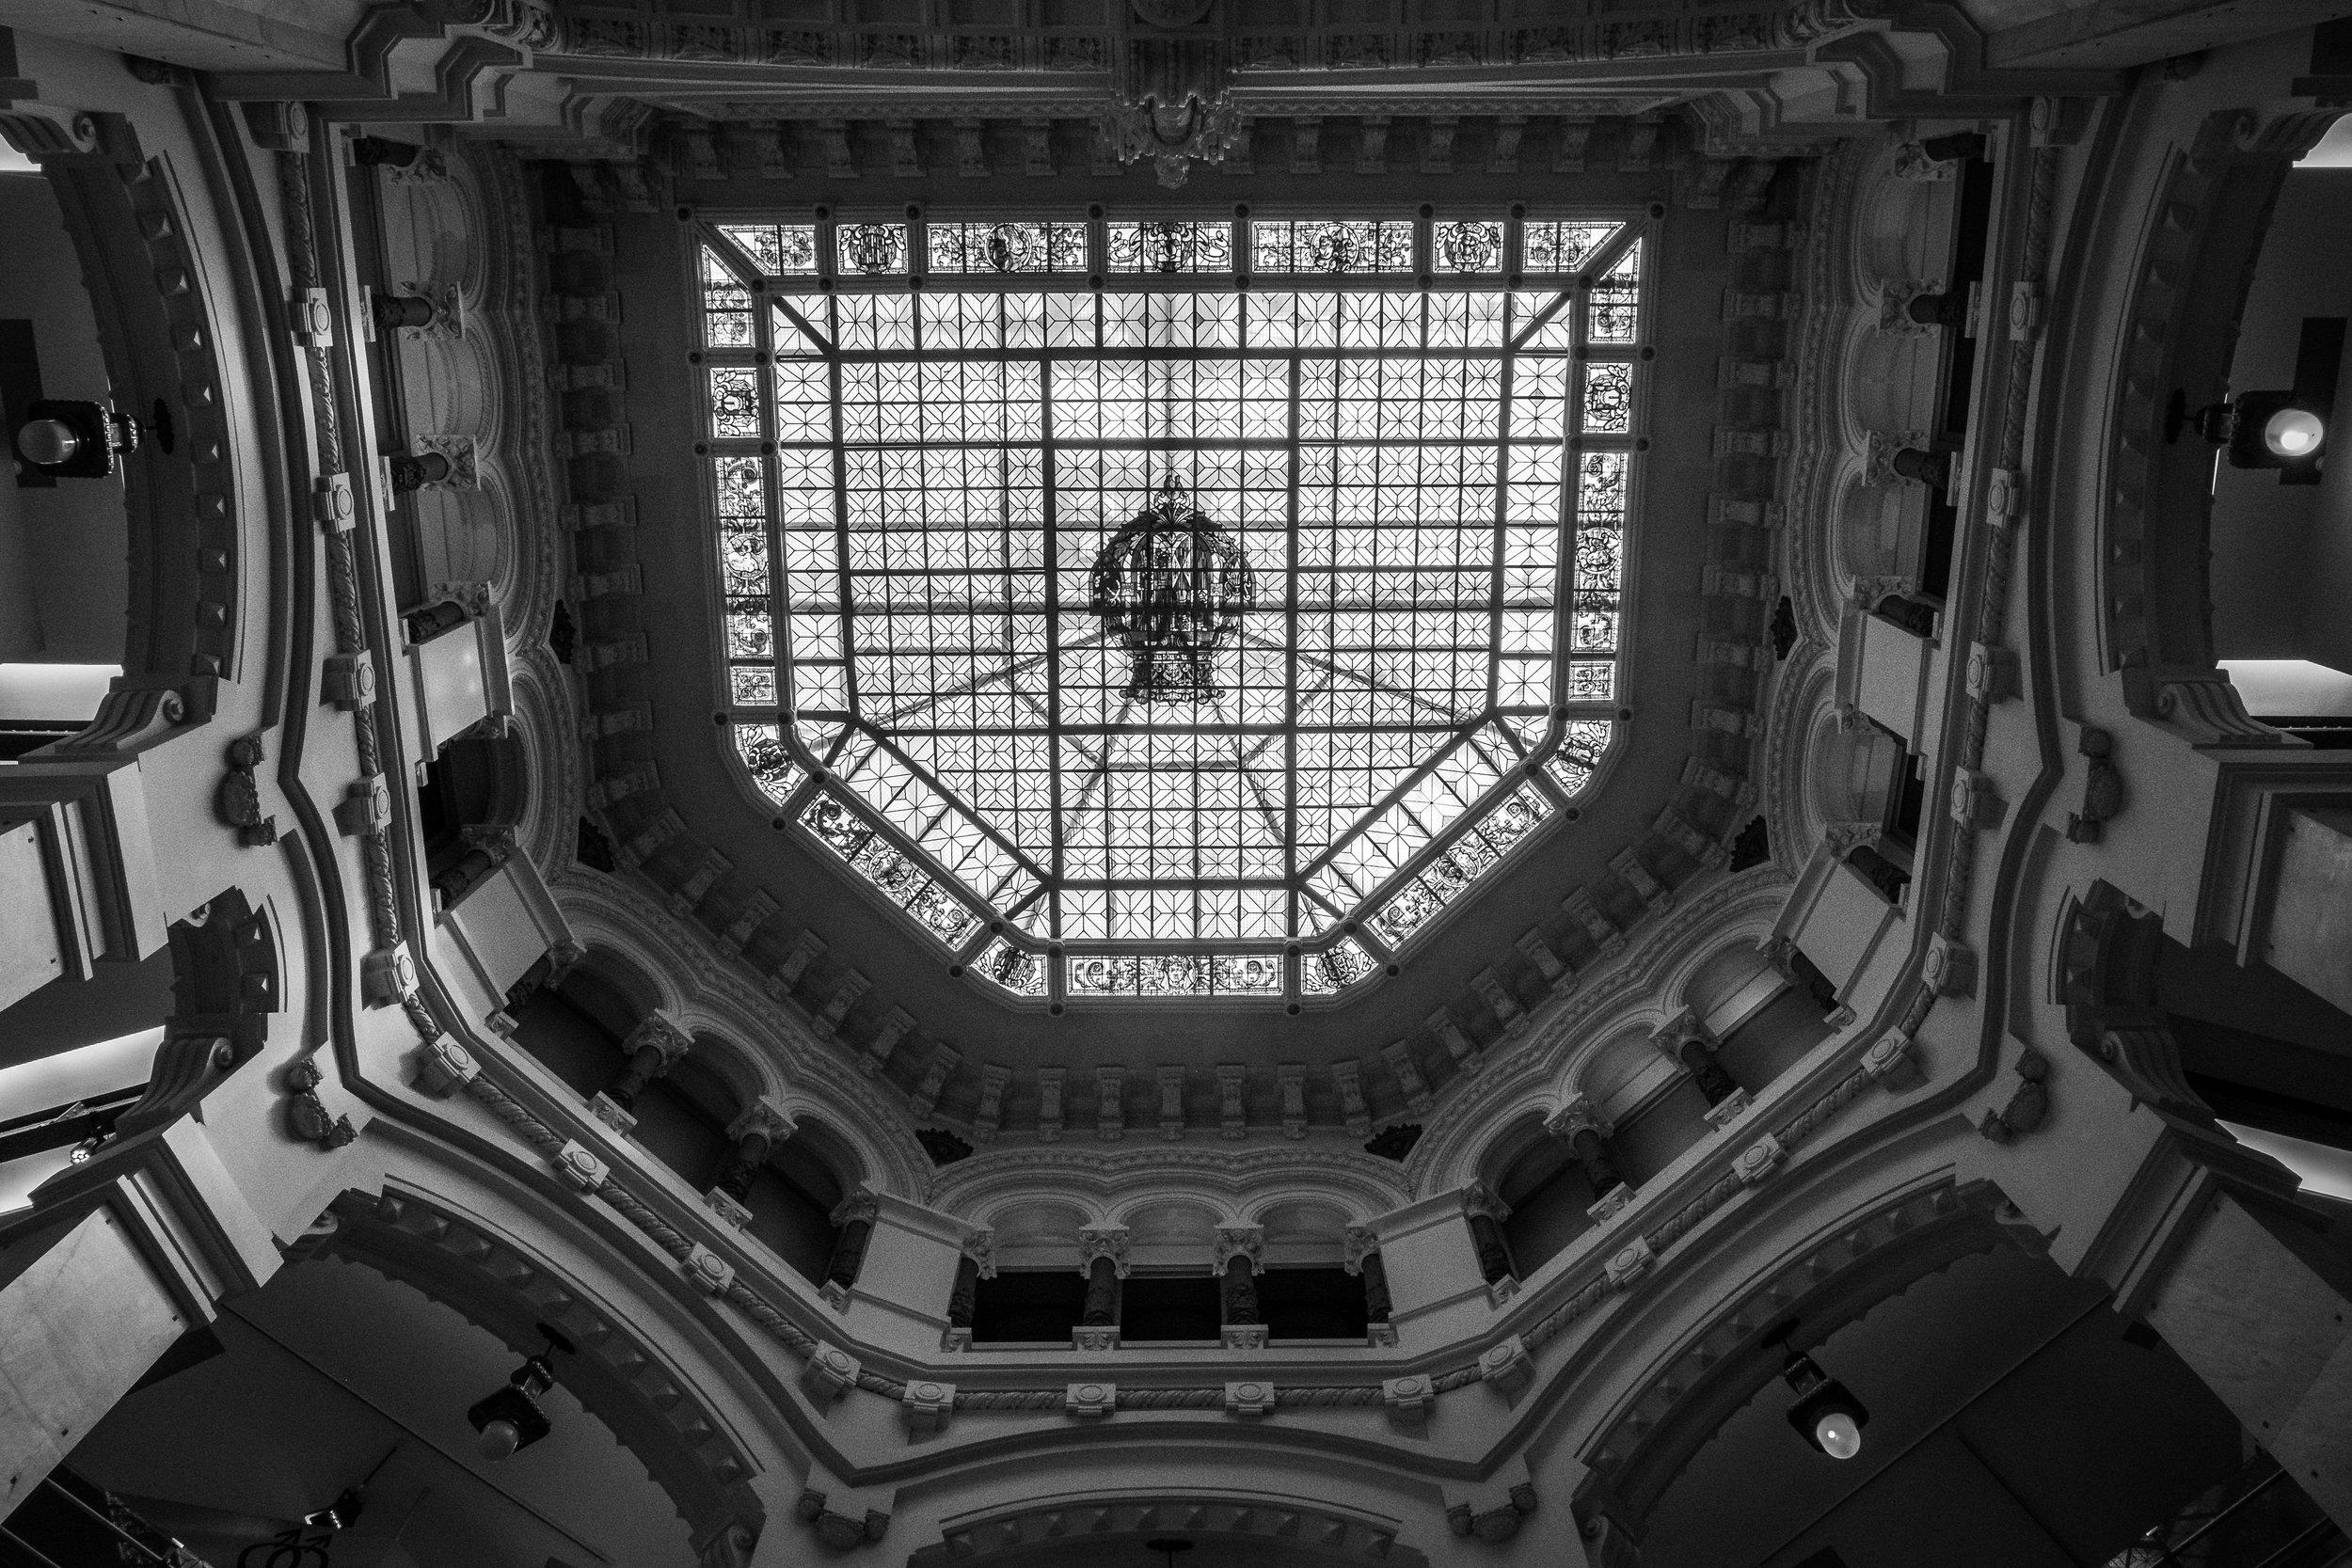 Spain_city+hall-2.jpg